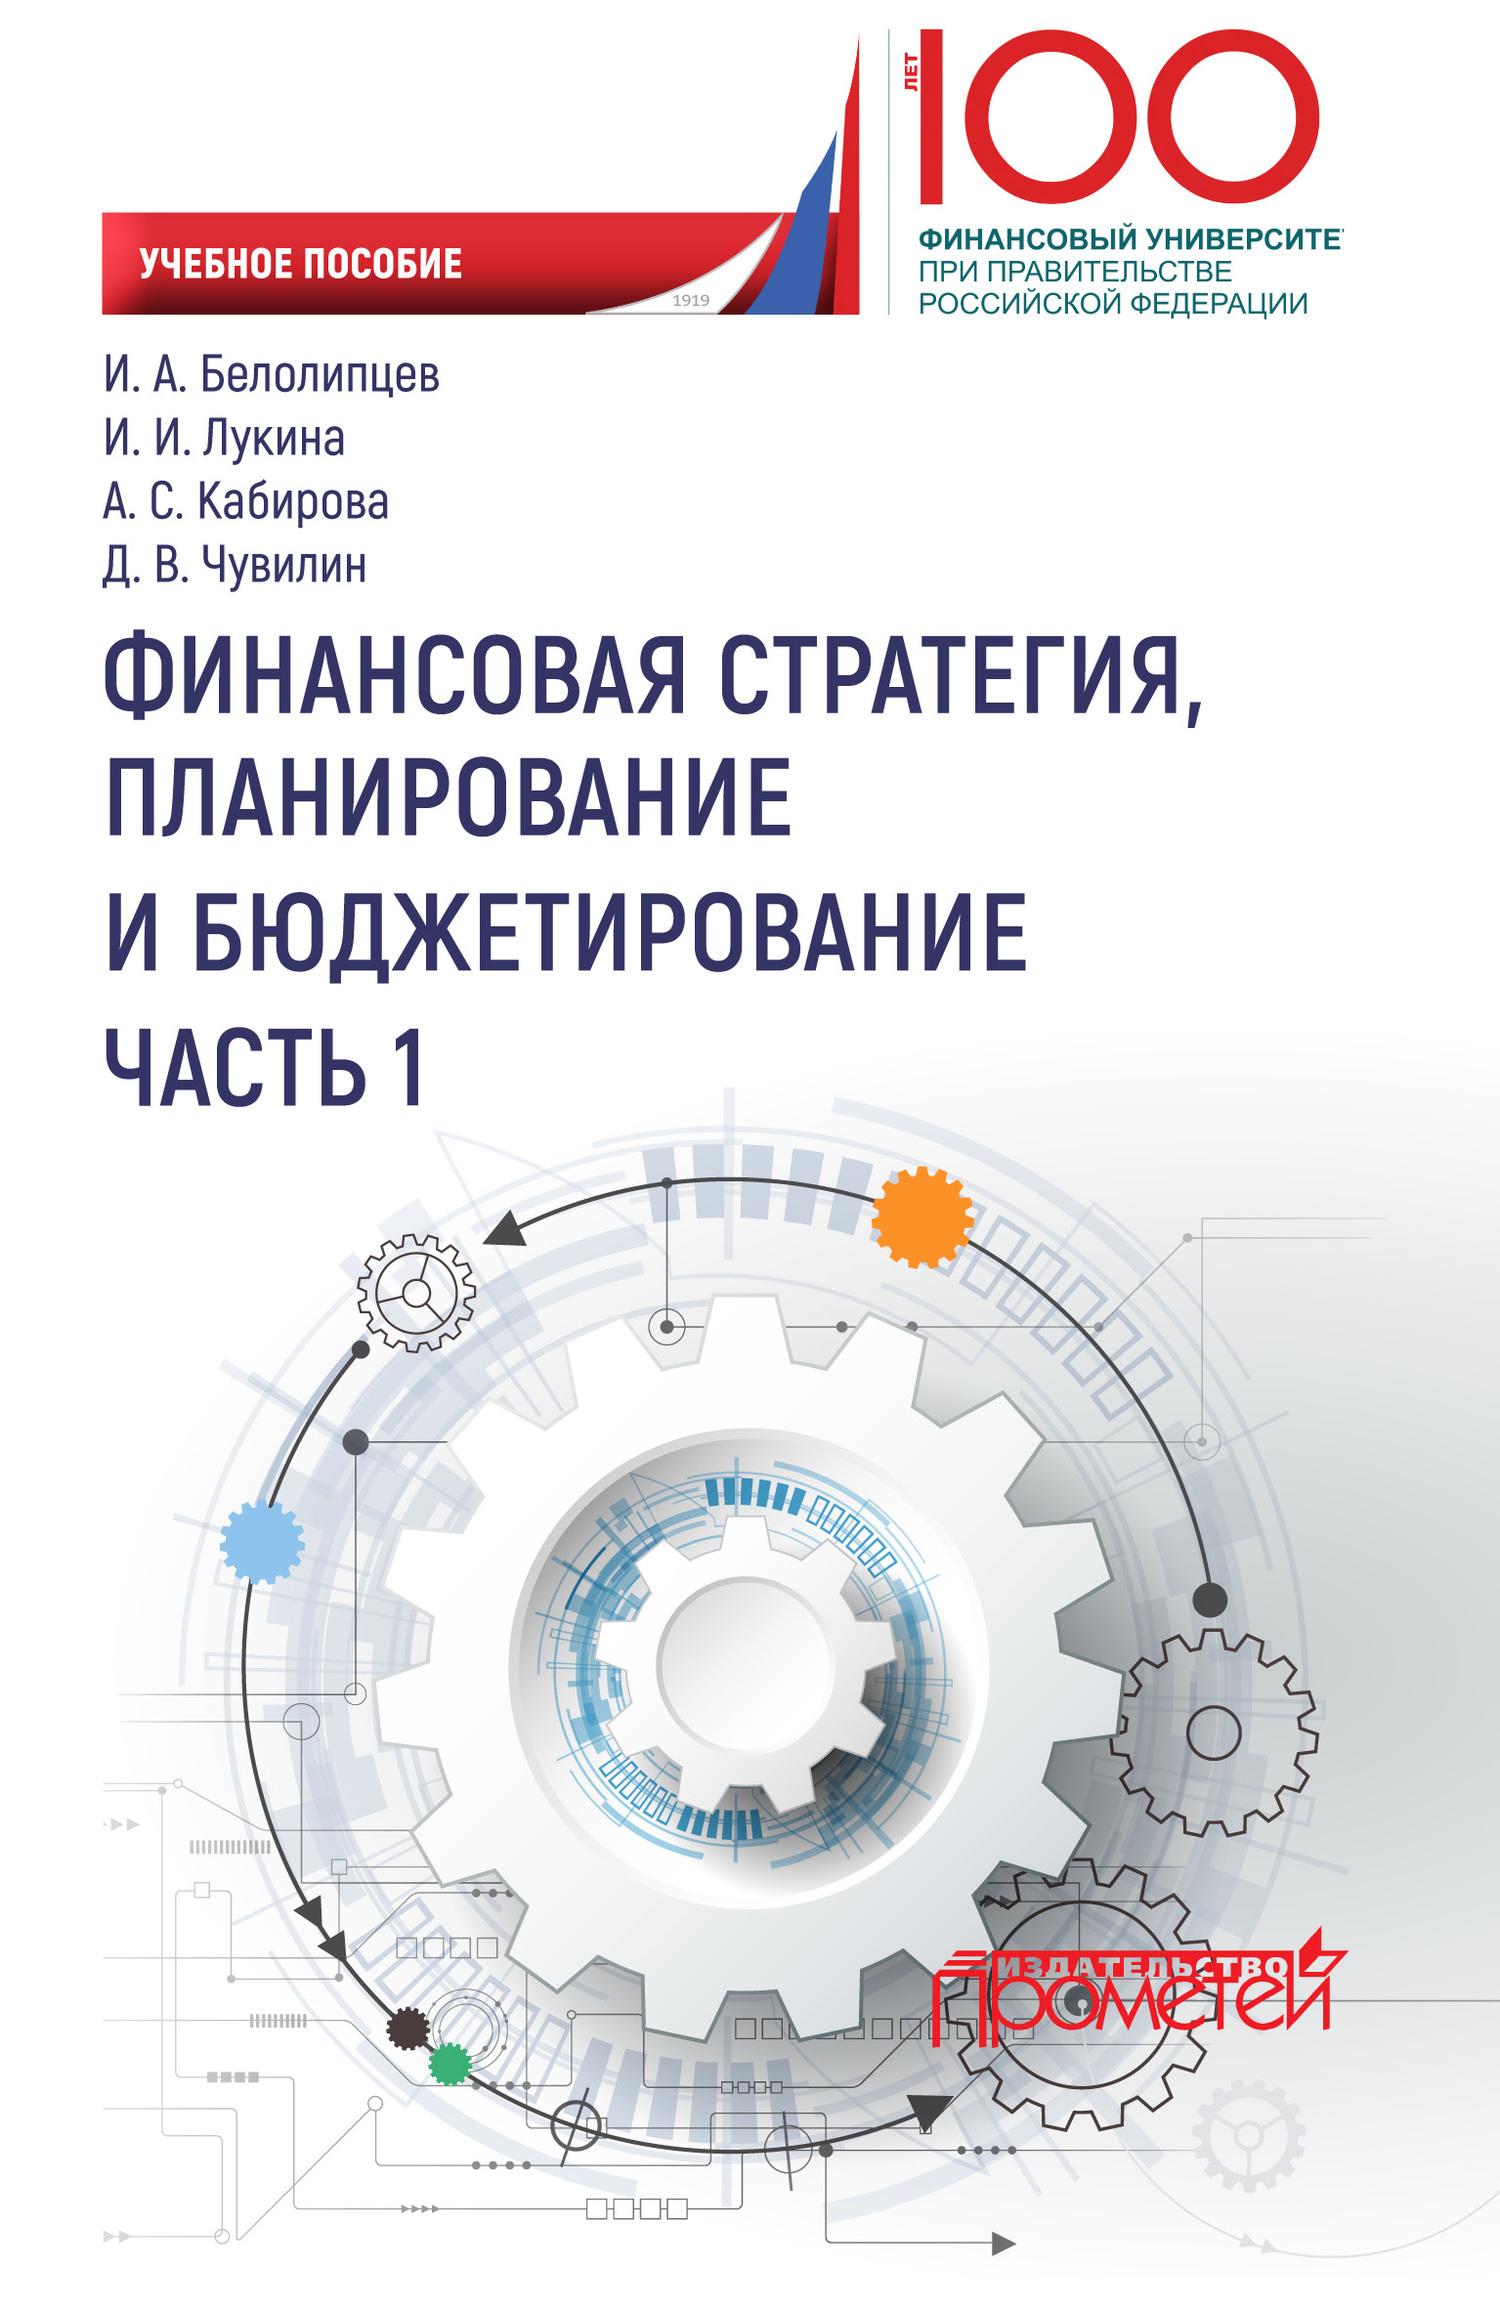 И. А. Белолипцев Финансовая стратегия, планирование и бюджетирование. Часть I